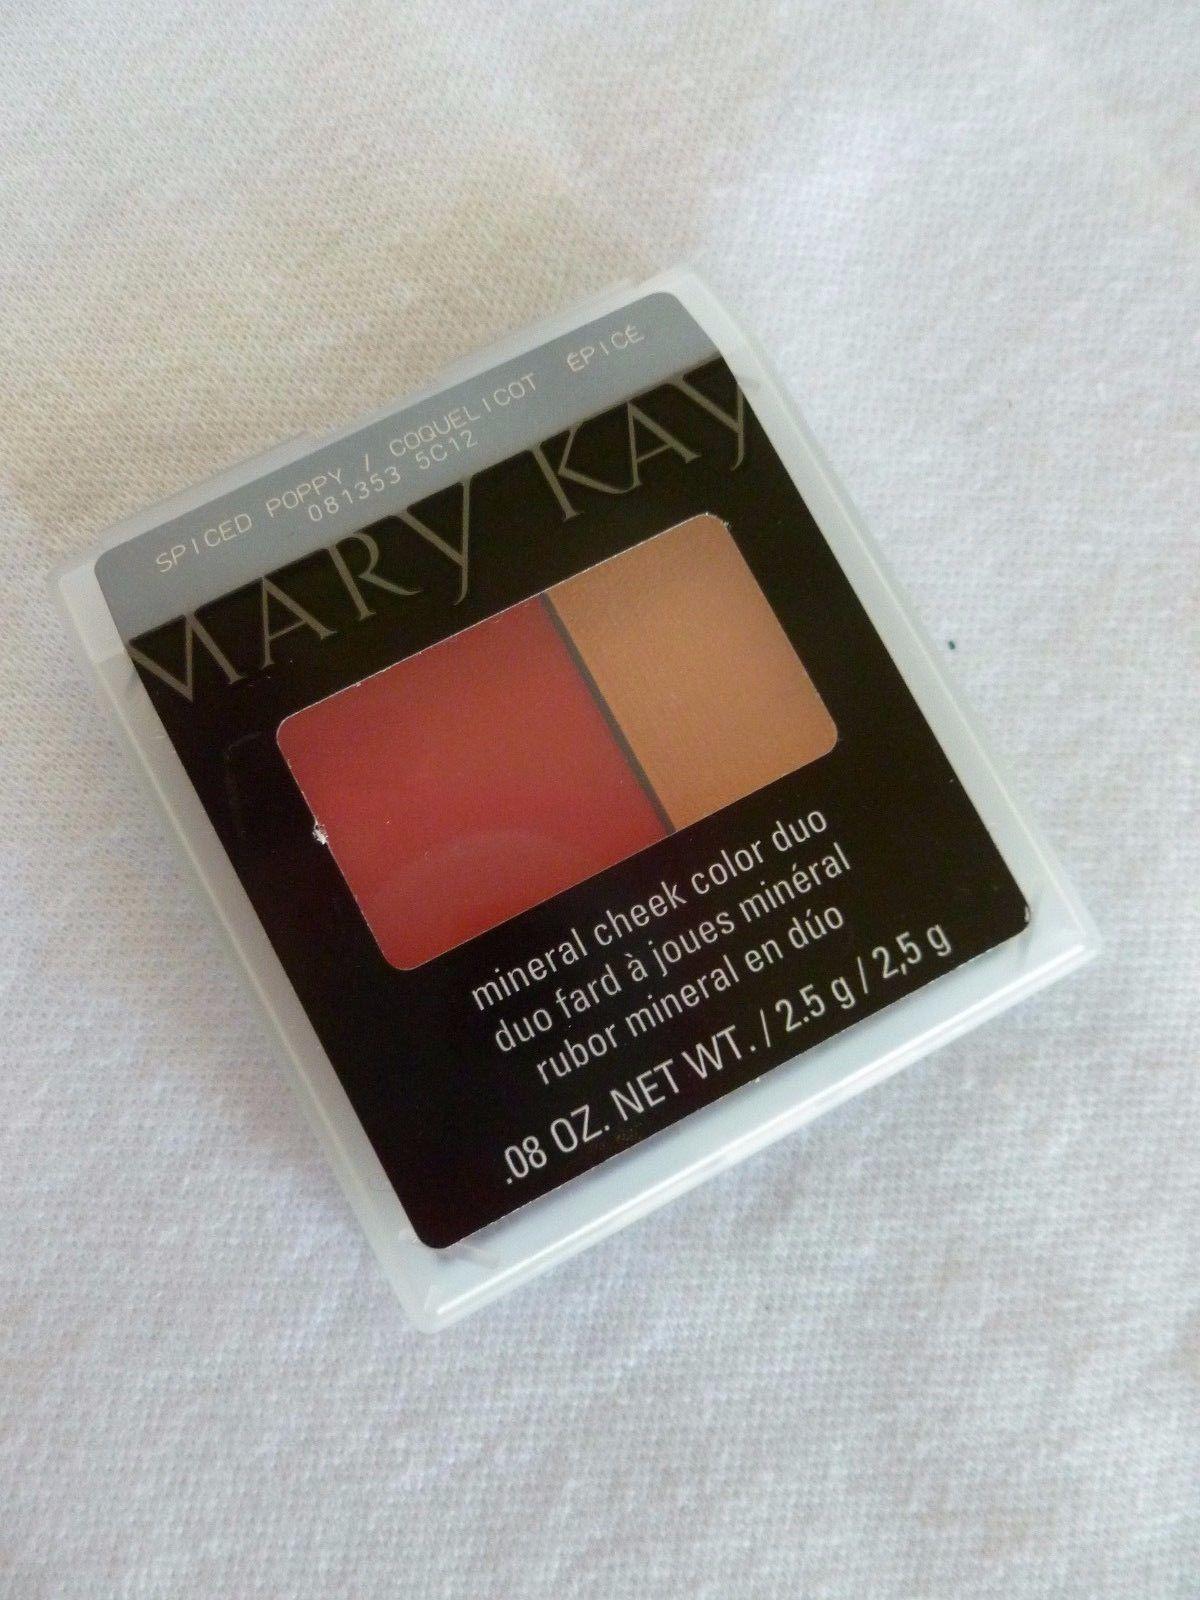 Mary Kay Mineral Cheek Color Duo, Spiced Poppy, NIB, Ships Free